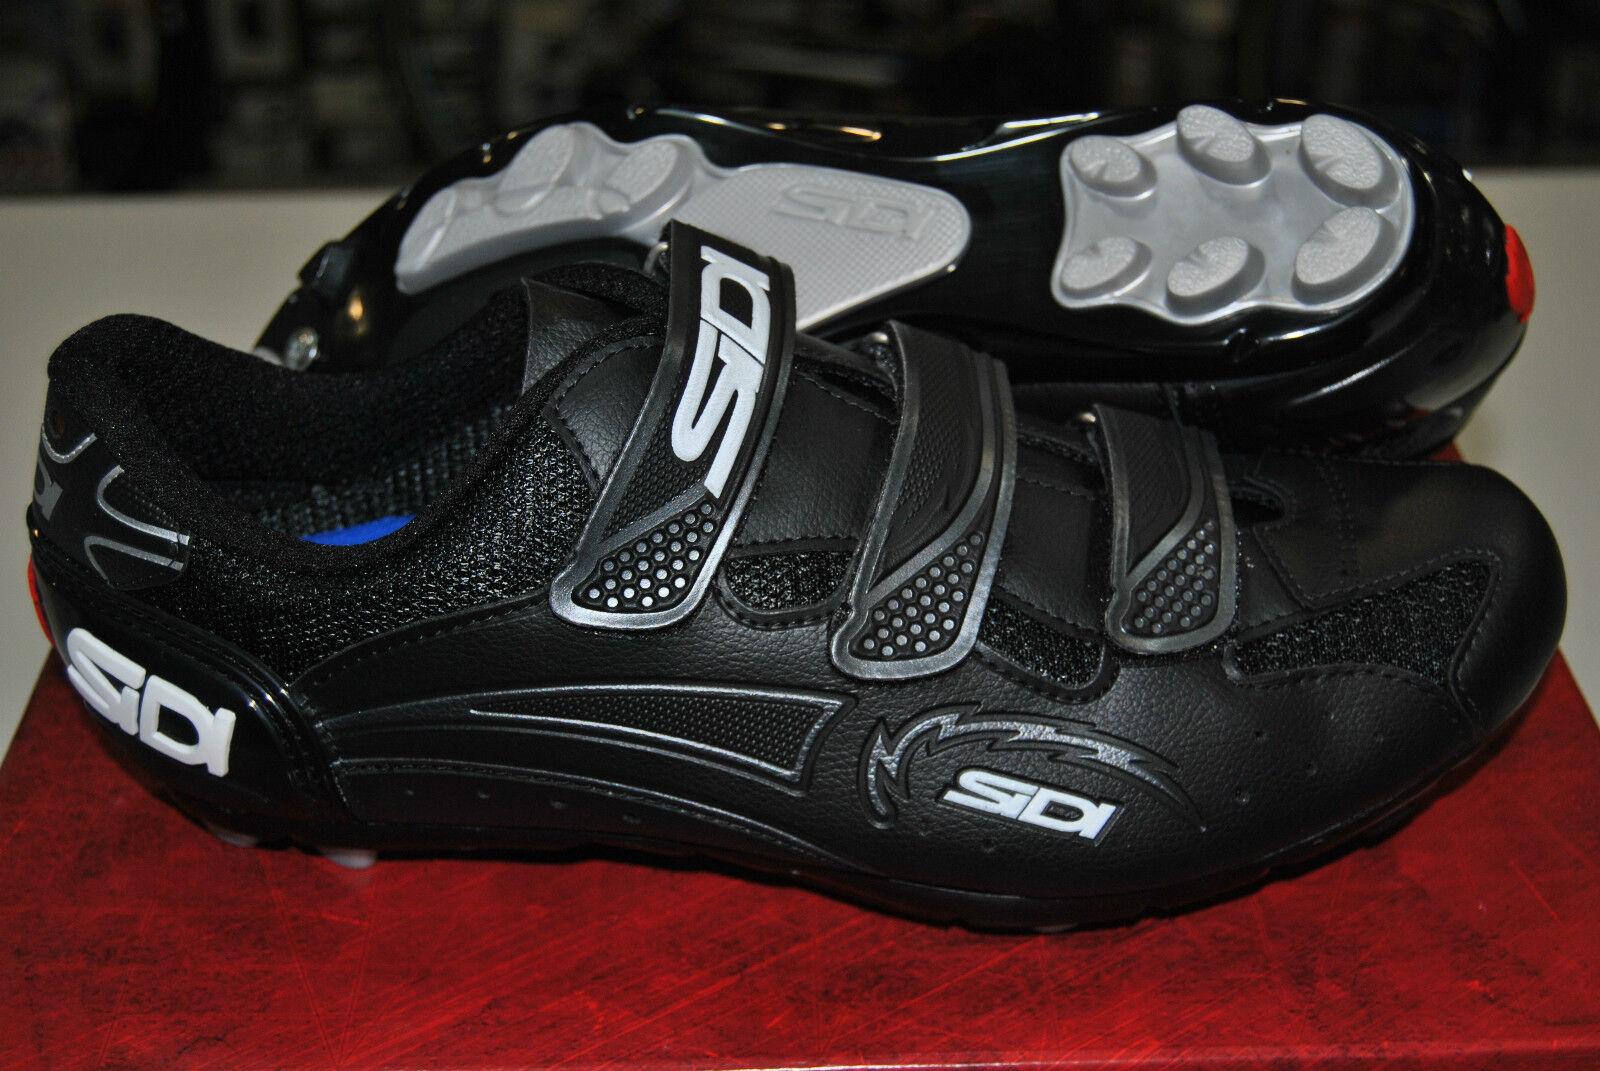 Zapatillas MTB Sidi Giau Negro   Negro   zapatos MTB Sidi Giau Negro   Negro